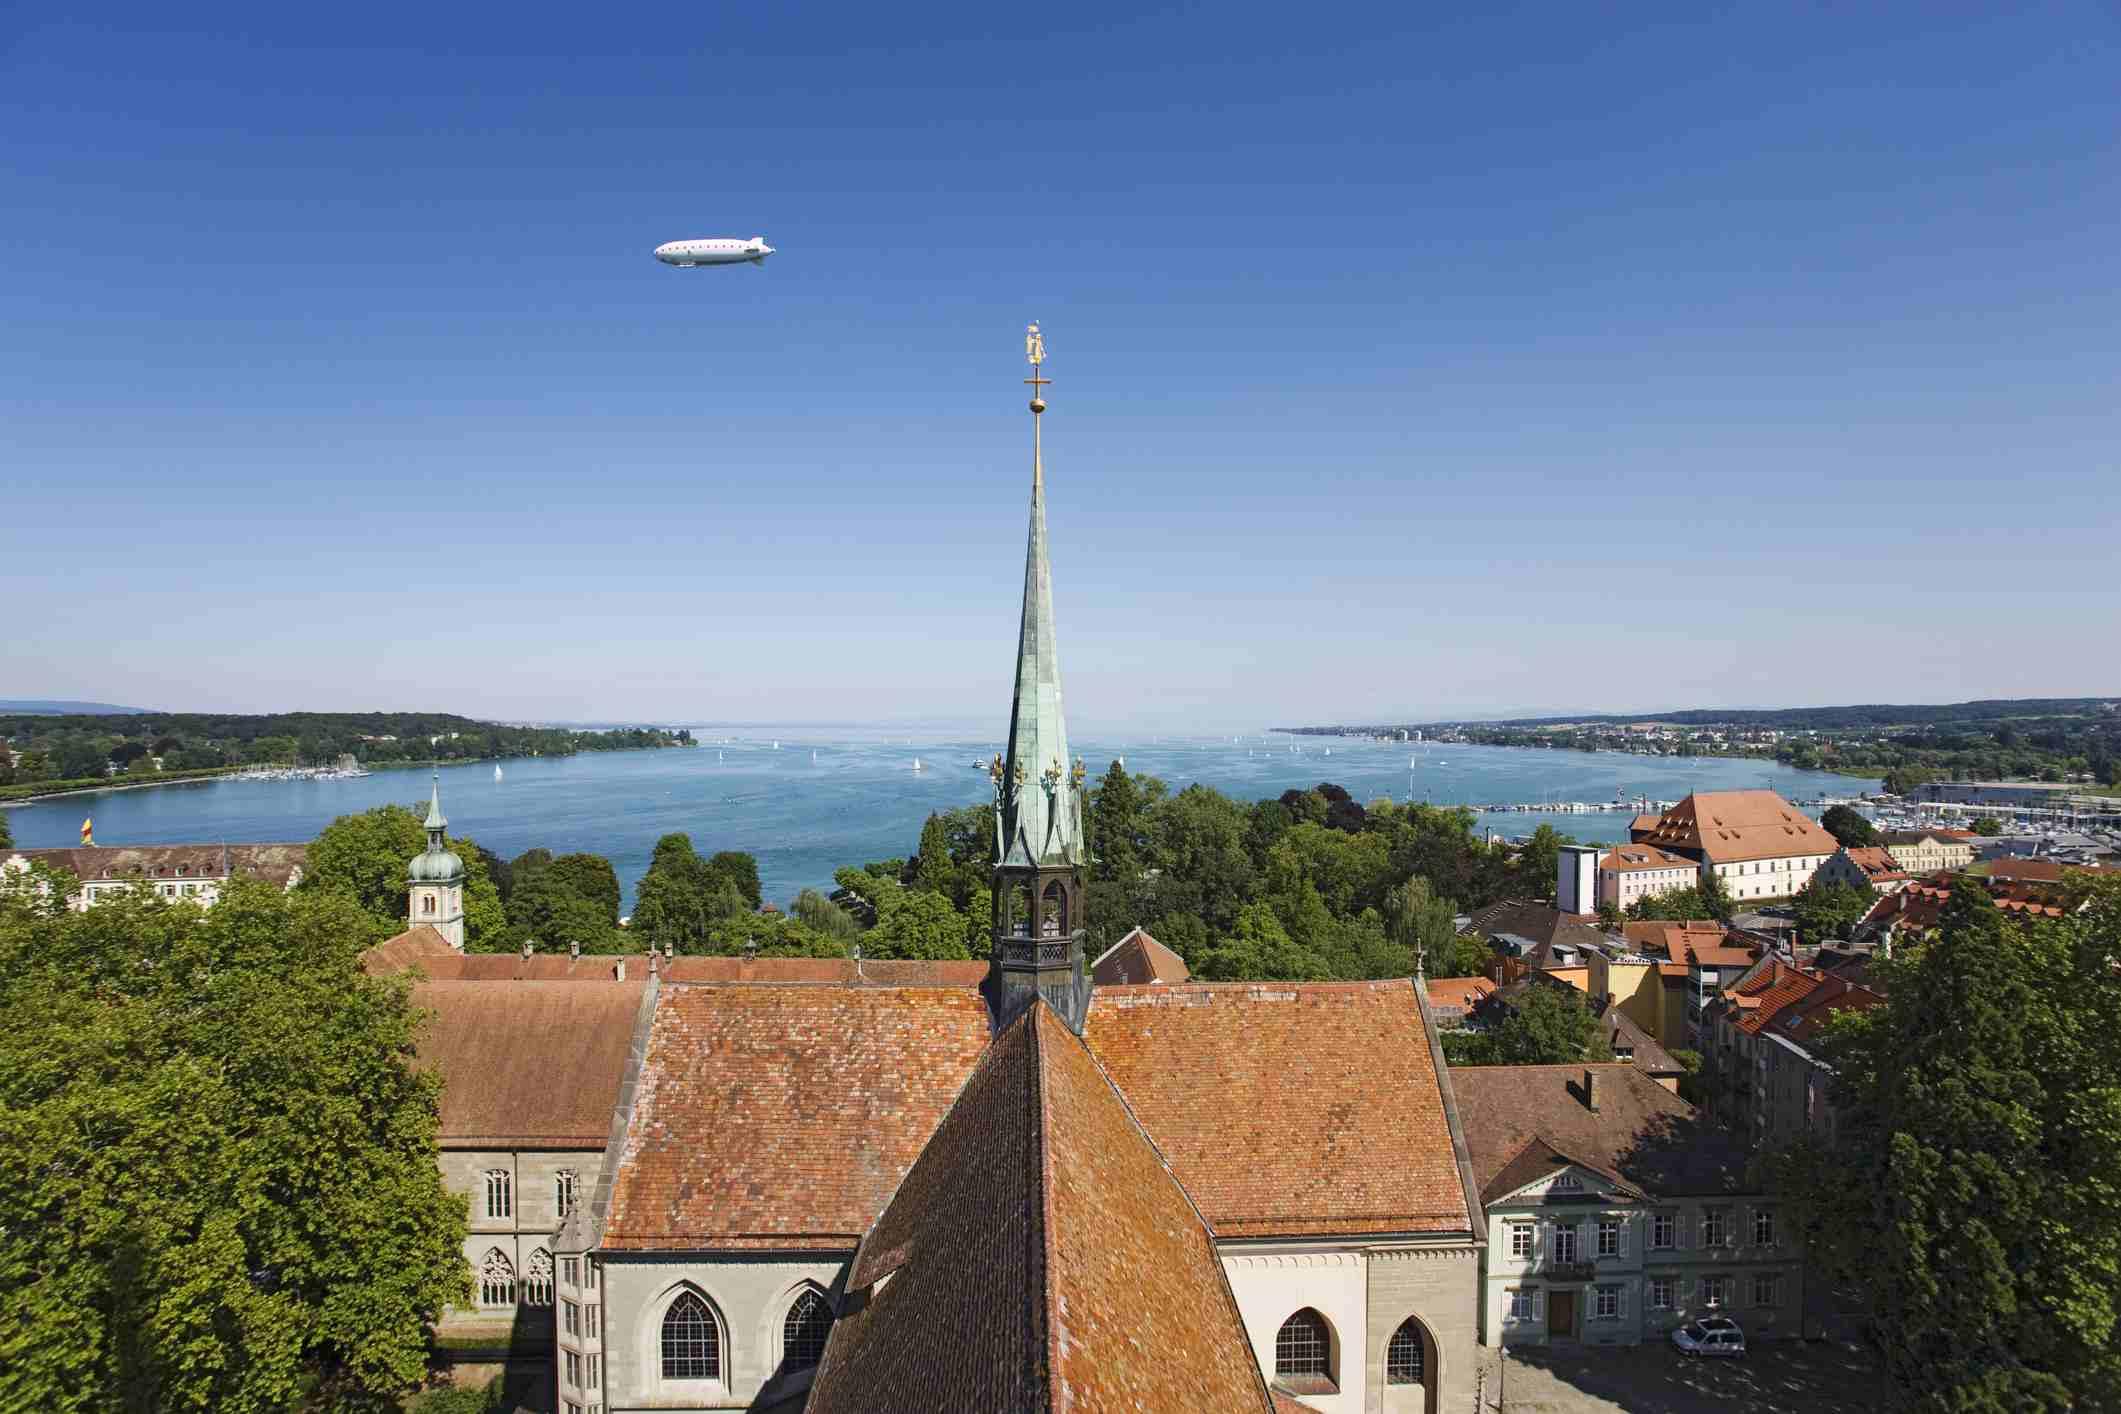 Zepplin over Konstanz